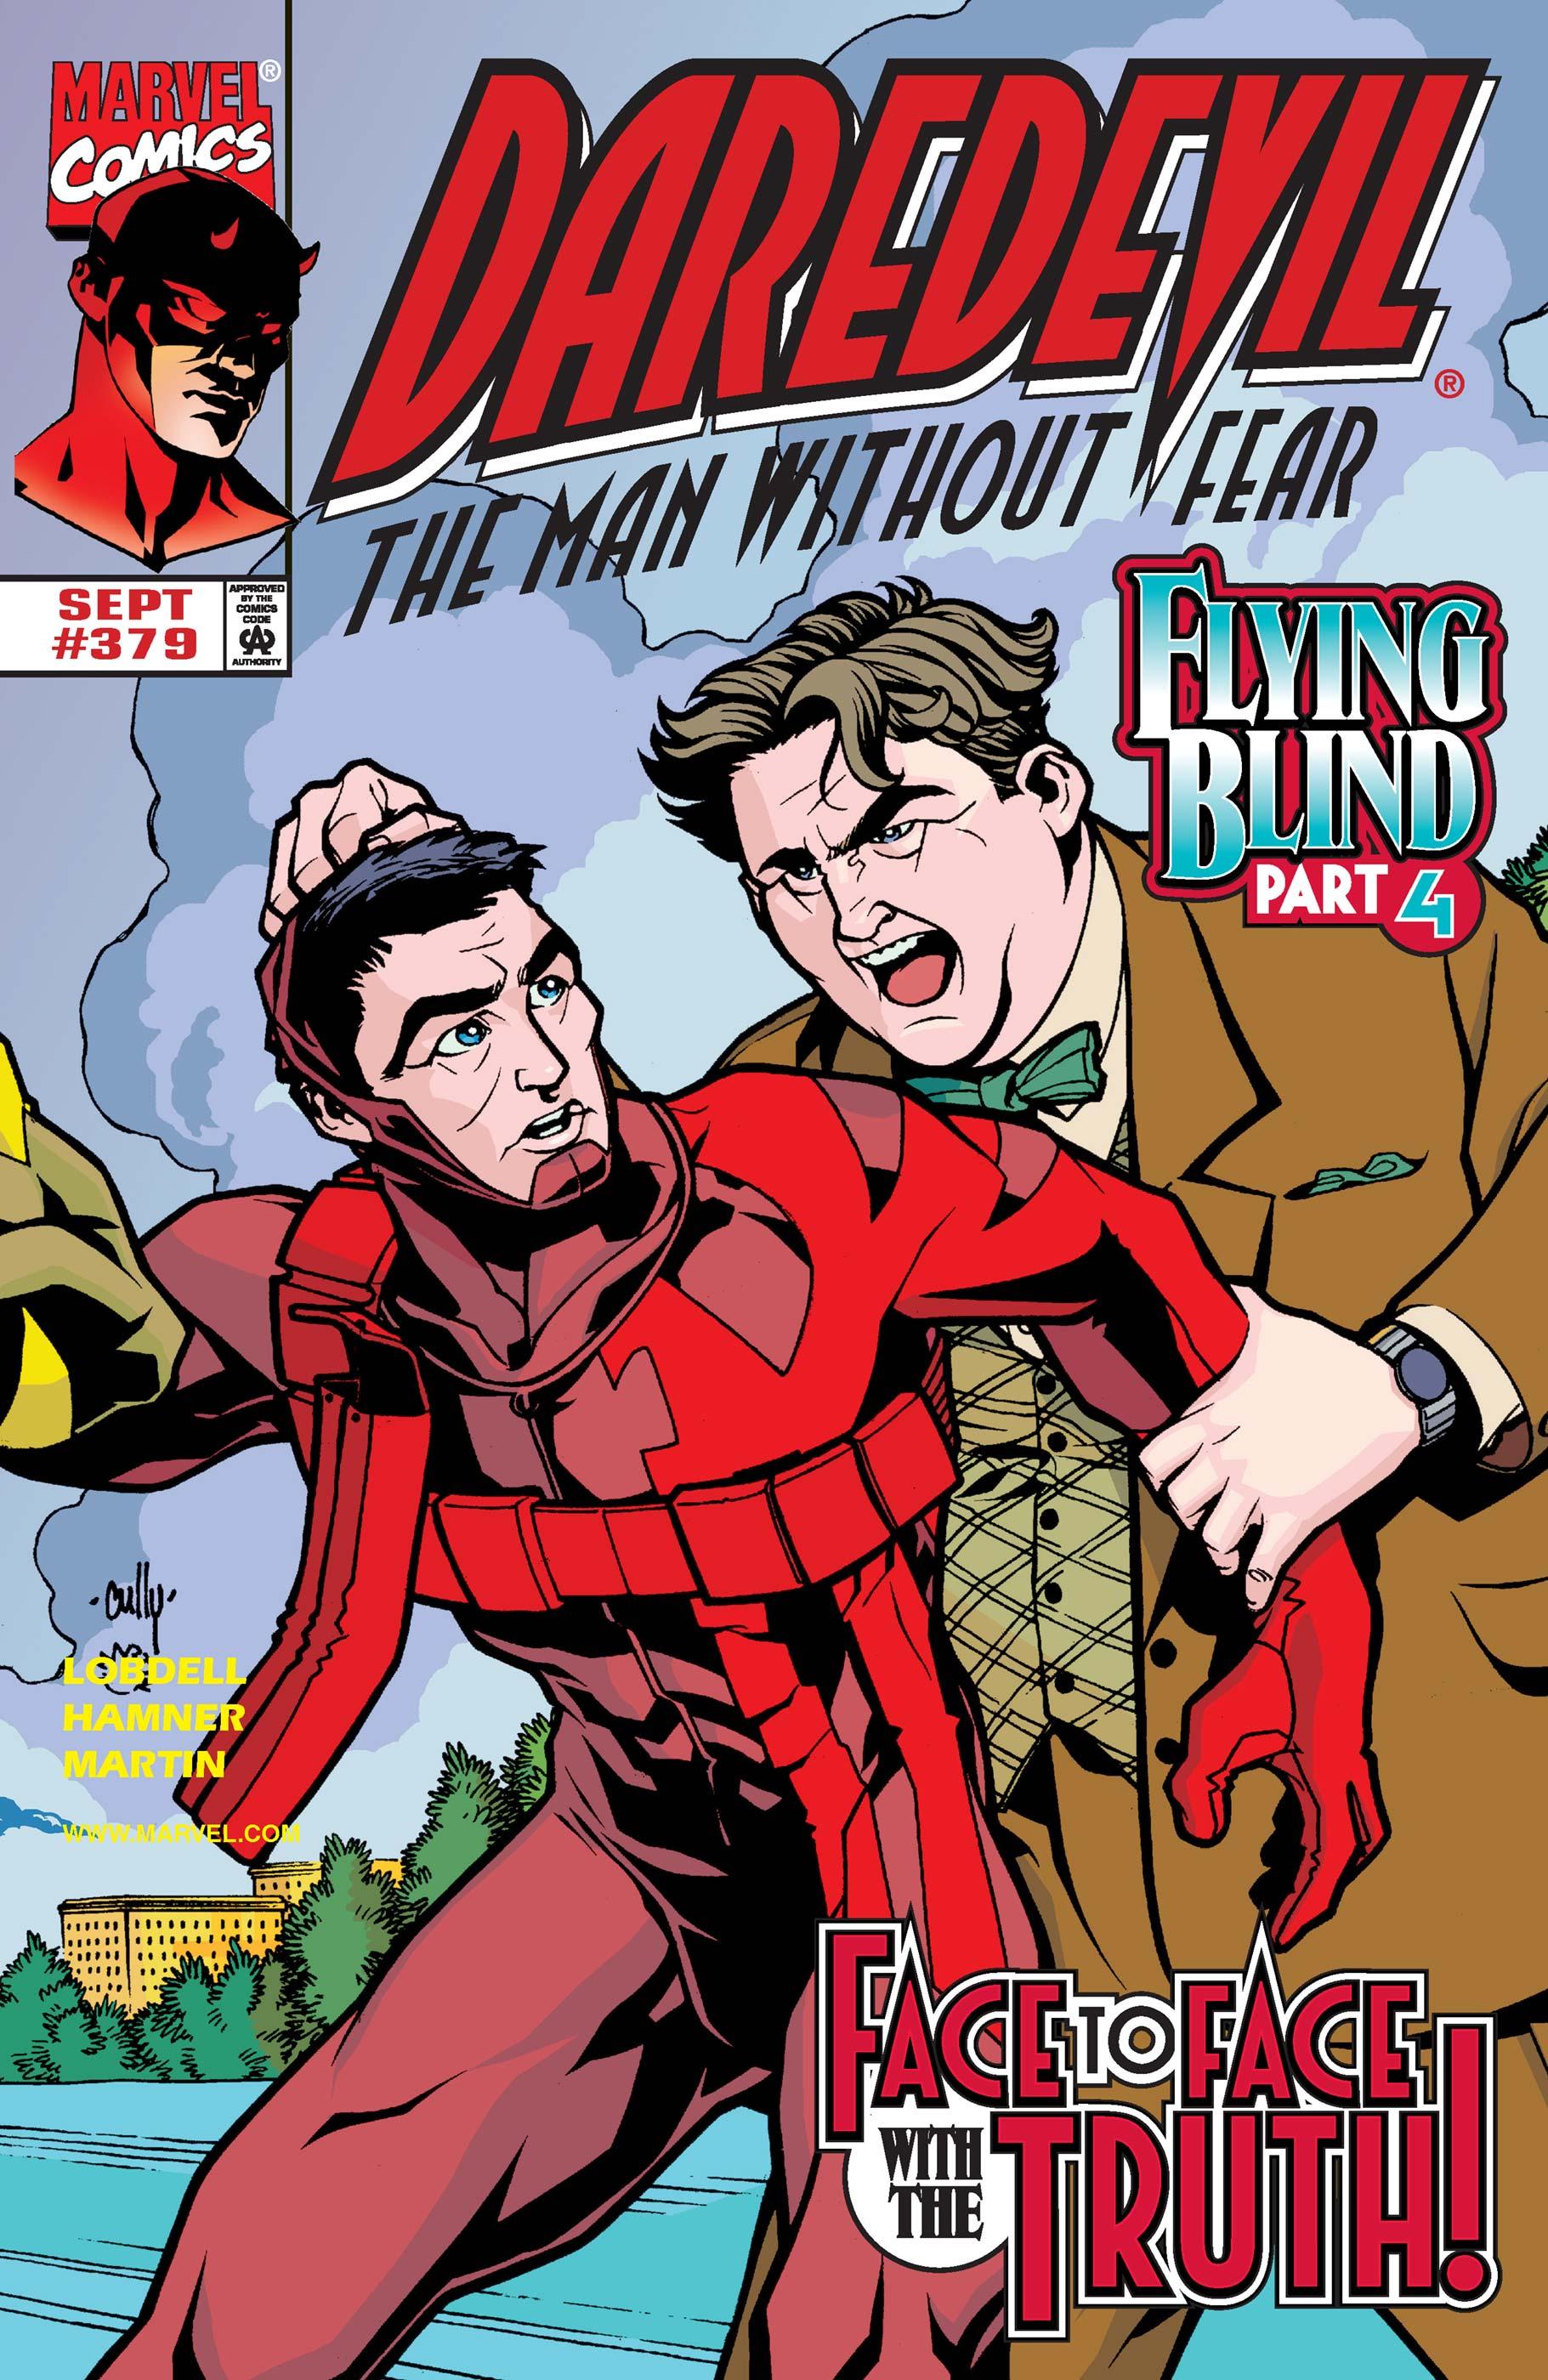 Daredevil (1964) #379